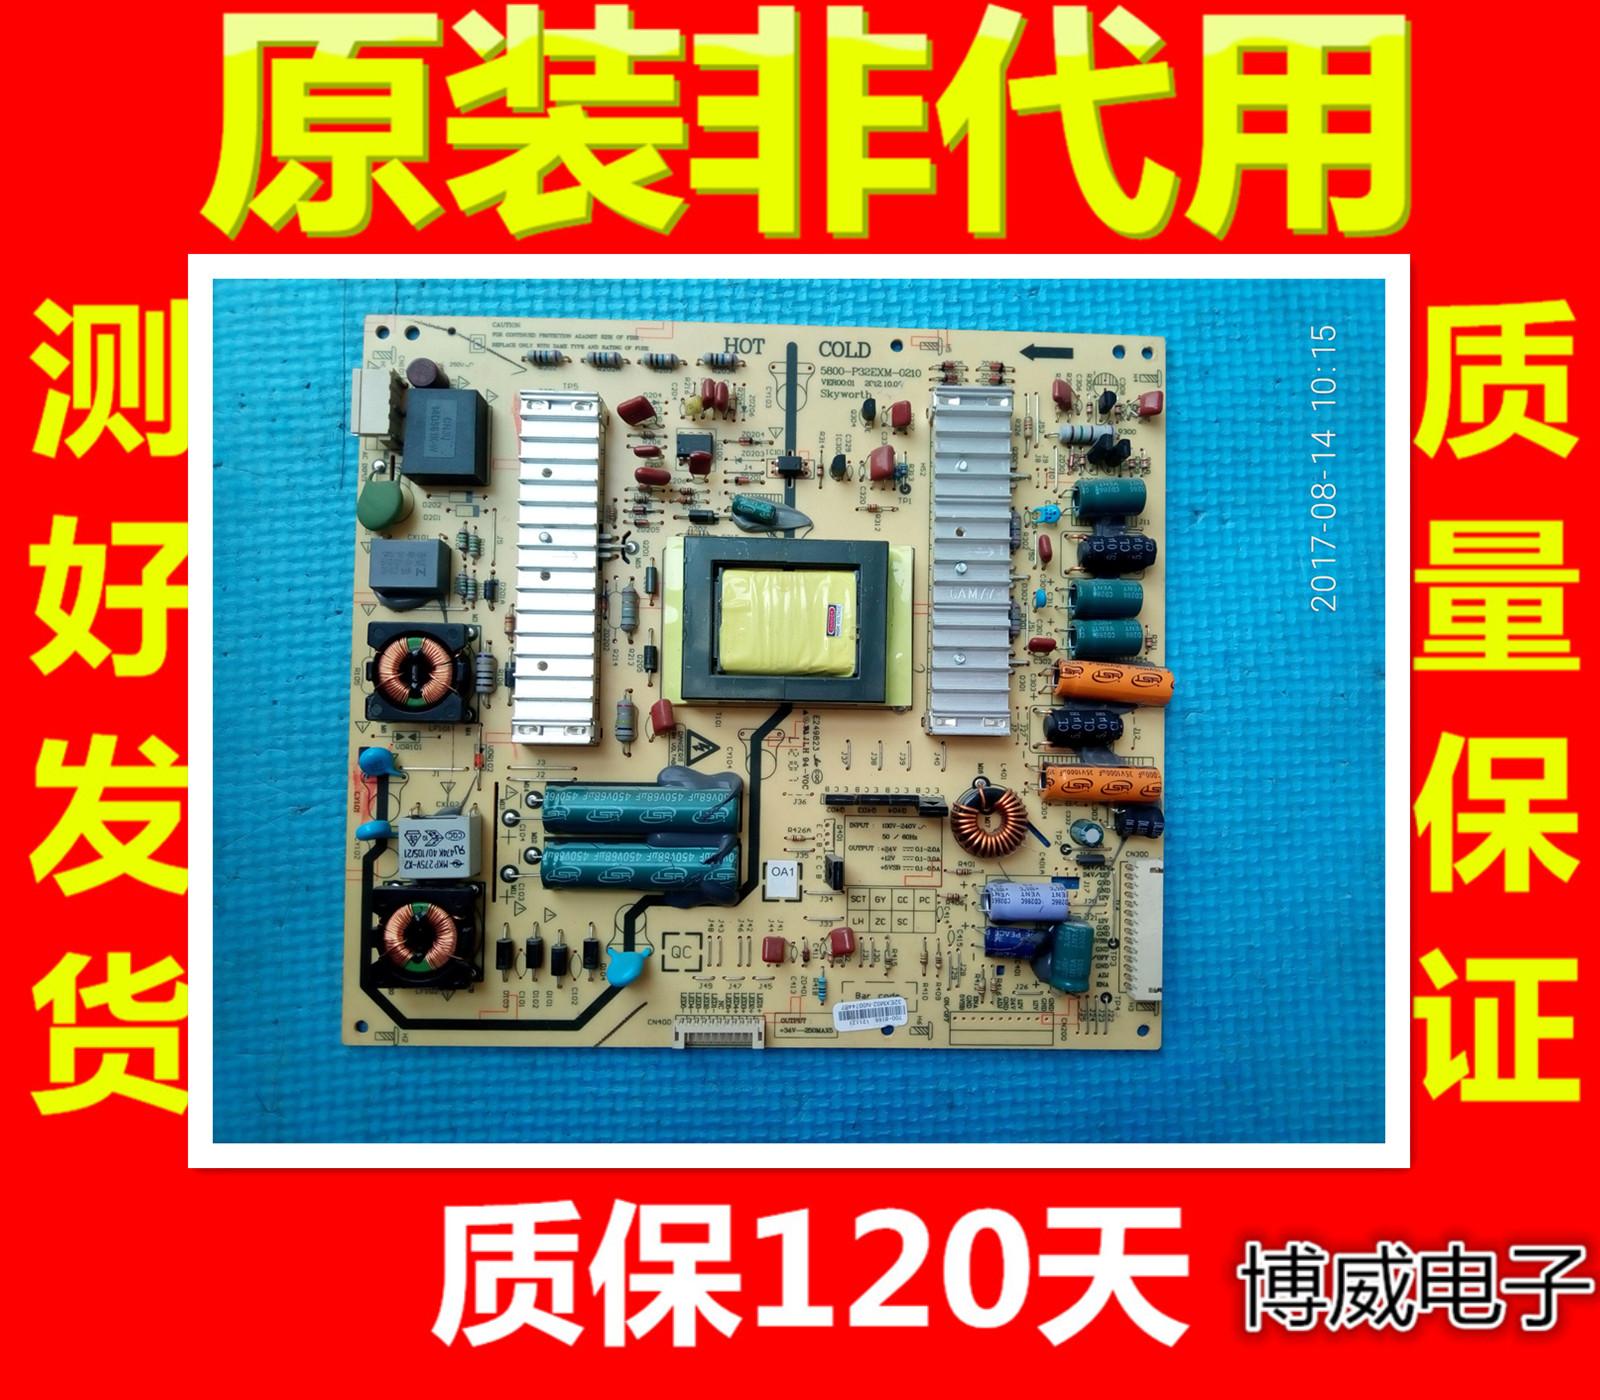 Skyworth 32E55HM32 LCD - fernseher konstantstrom - Vorstand hintergrundbeleuchtung - liter - FAHRER bb290 Sprache.